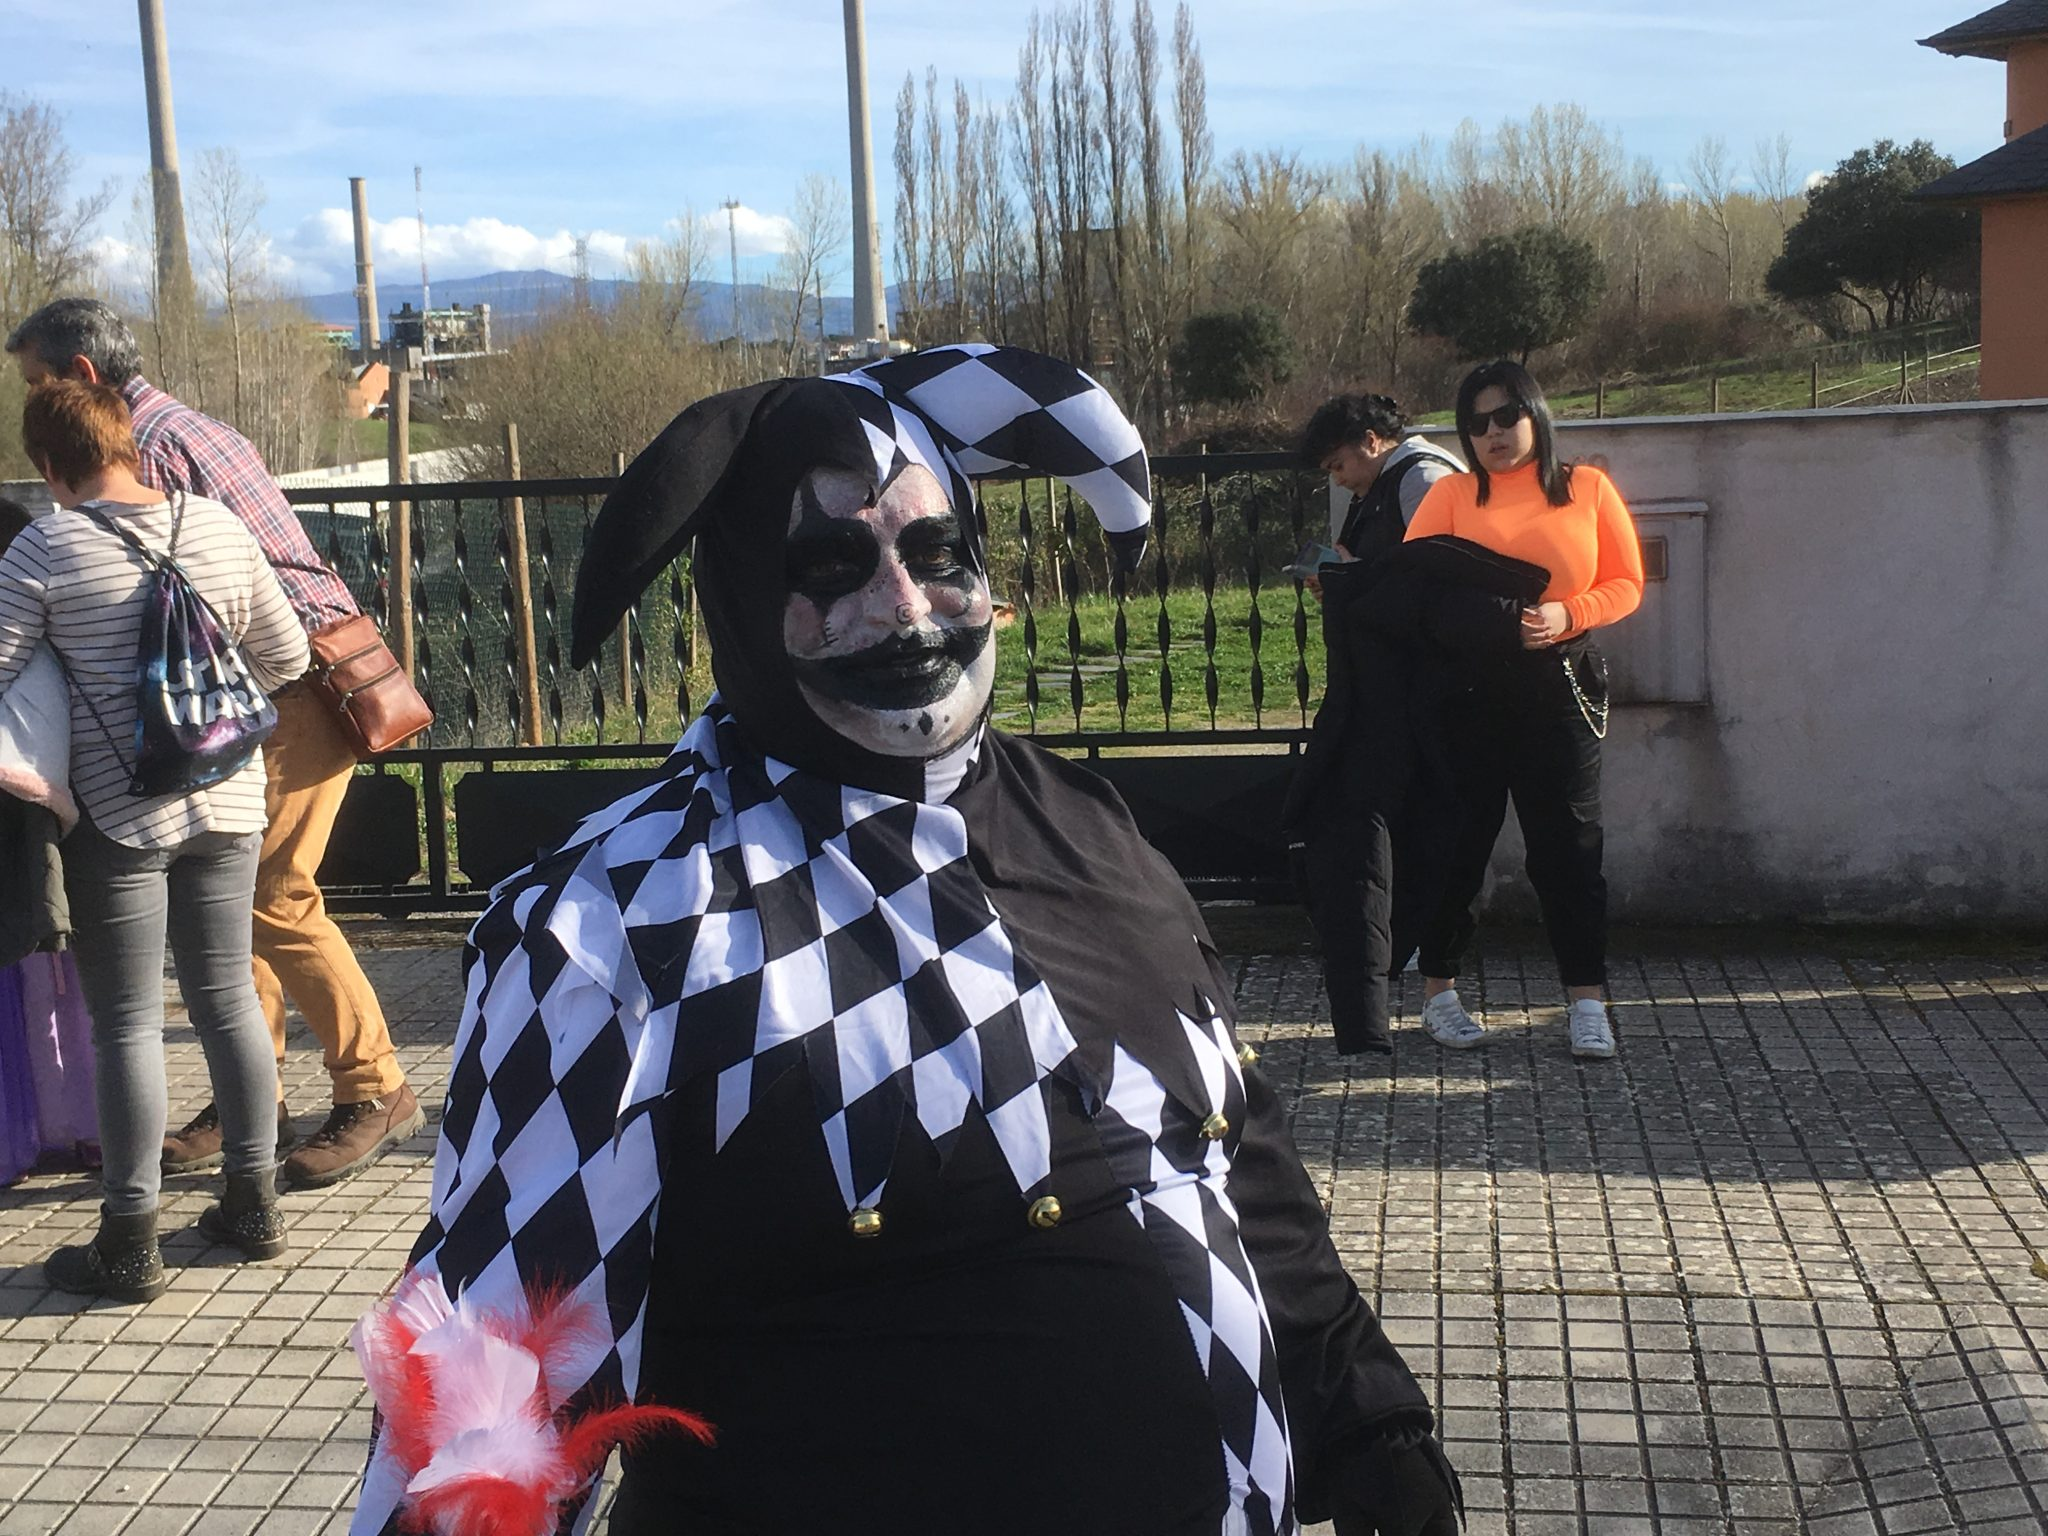 Desfile de Carnaval Cubillos del Sil 2019 - Álbum de fotos 50